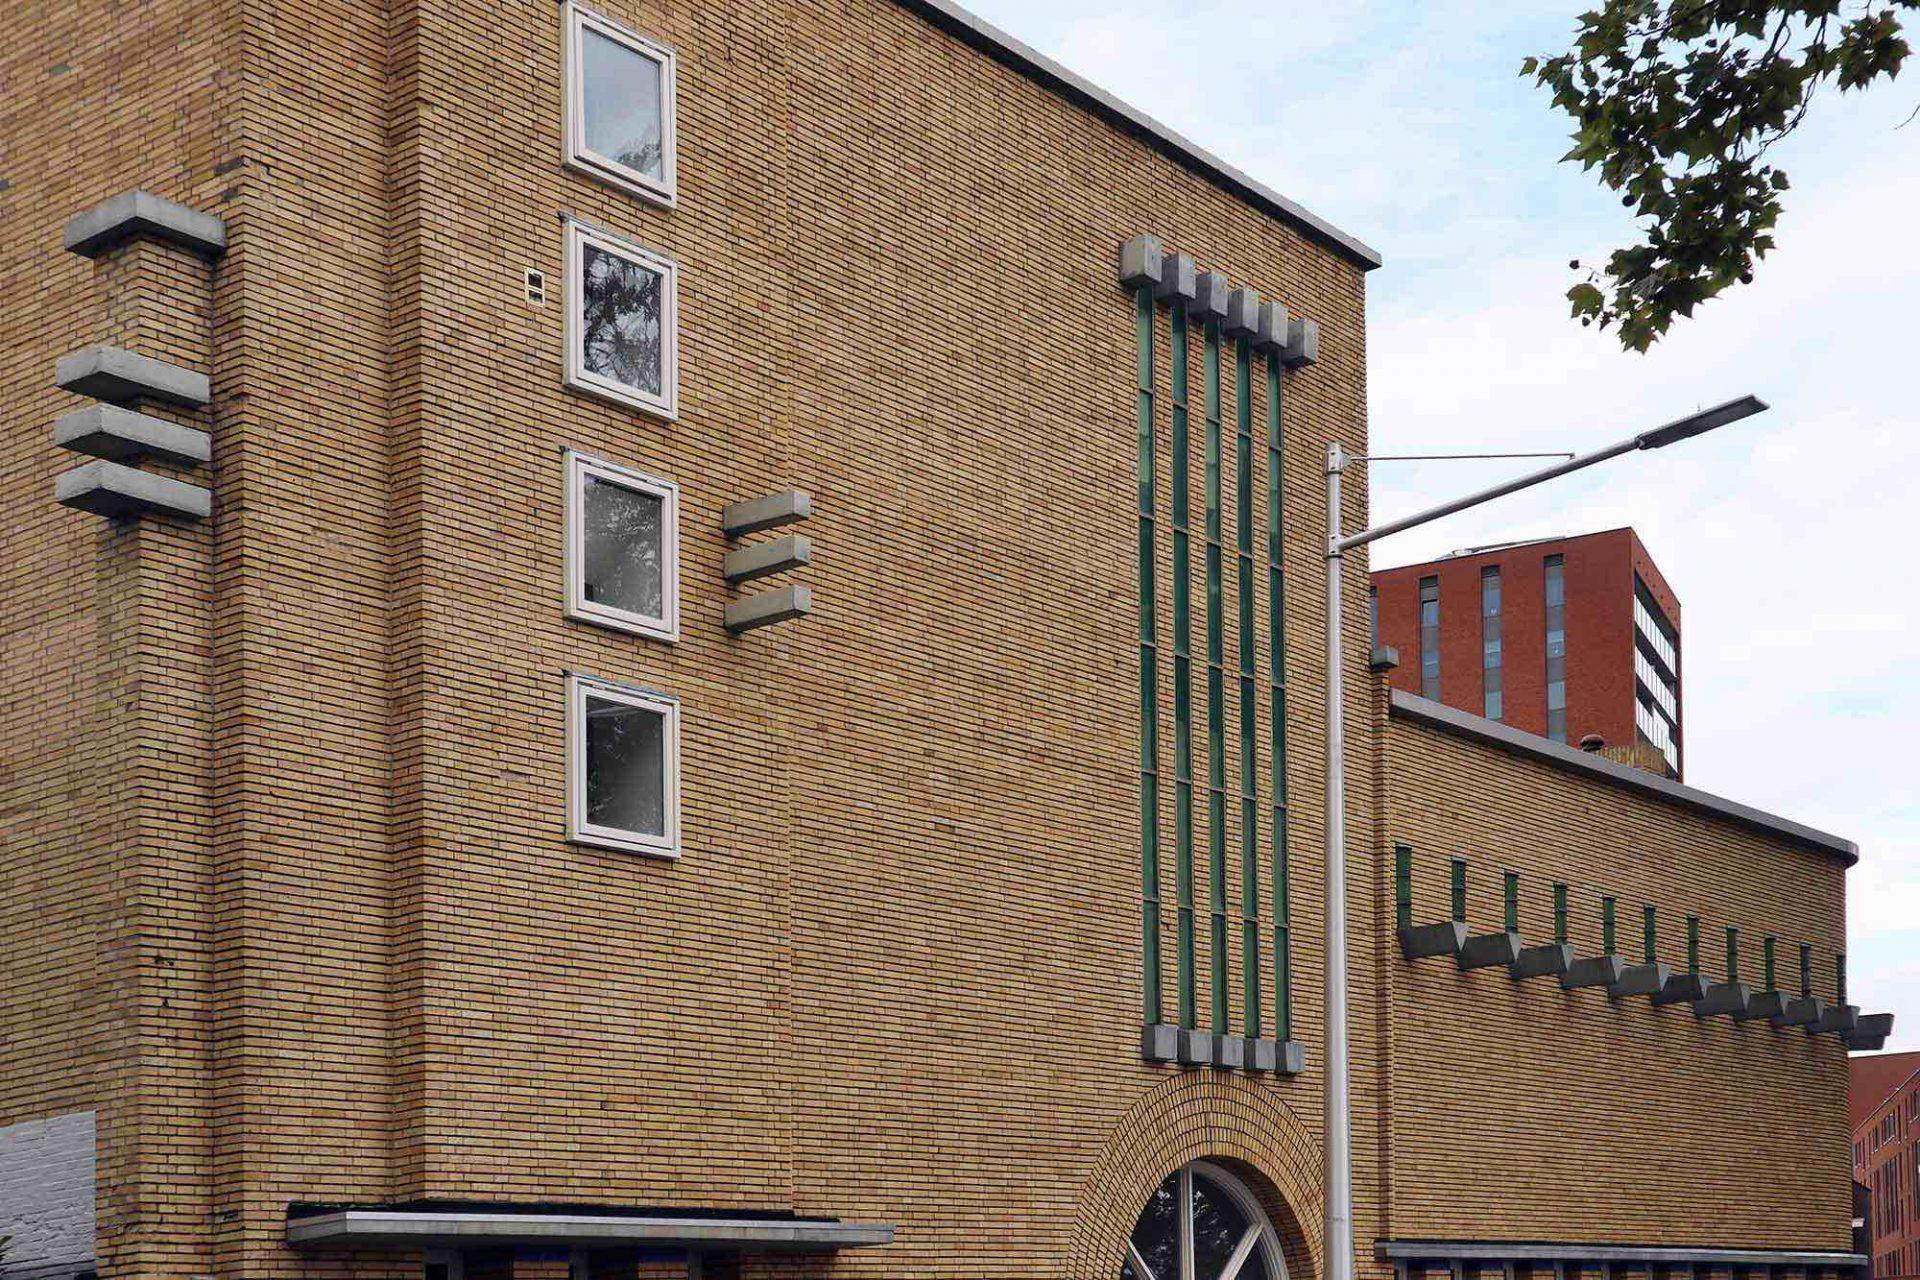 Meelfabriek. Der Tilburger Architekt Jos Schijvens ließ sich 1935 von der Form eines Schiffes inspirieren.